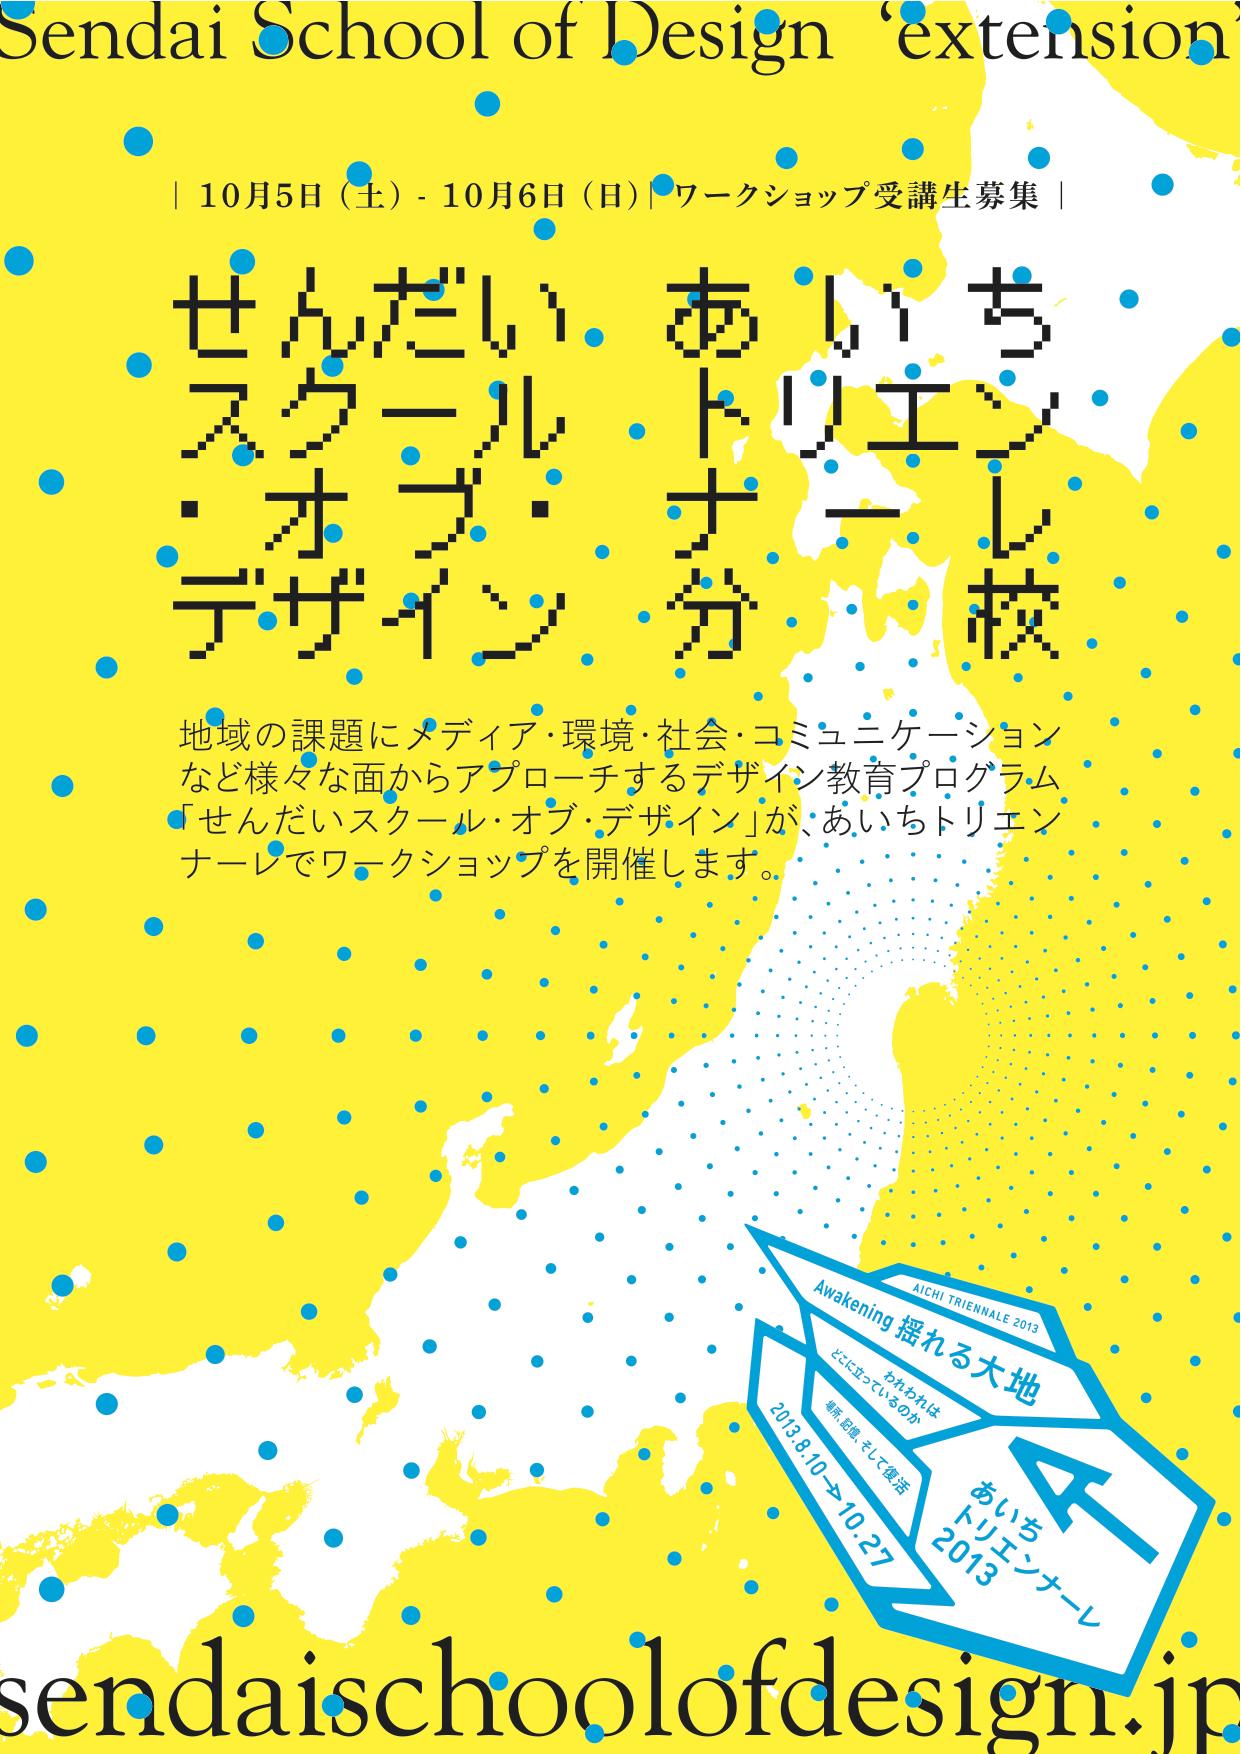 2 color poster design - 2 Color Poster Design 2 Color Poster Design 27